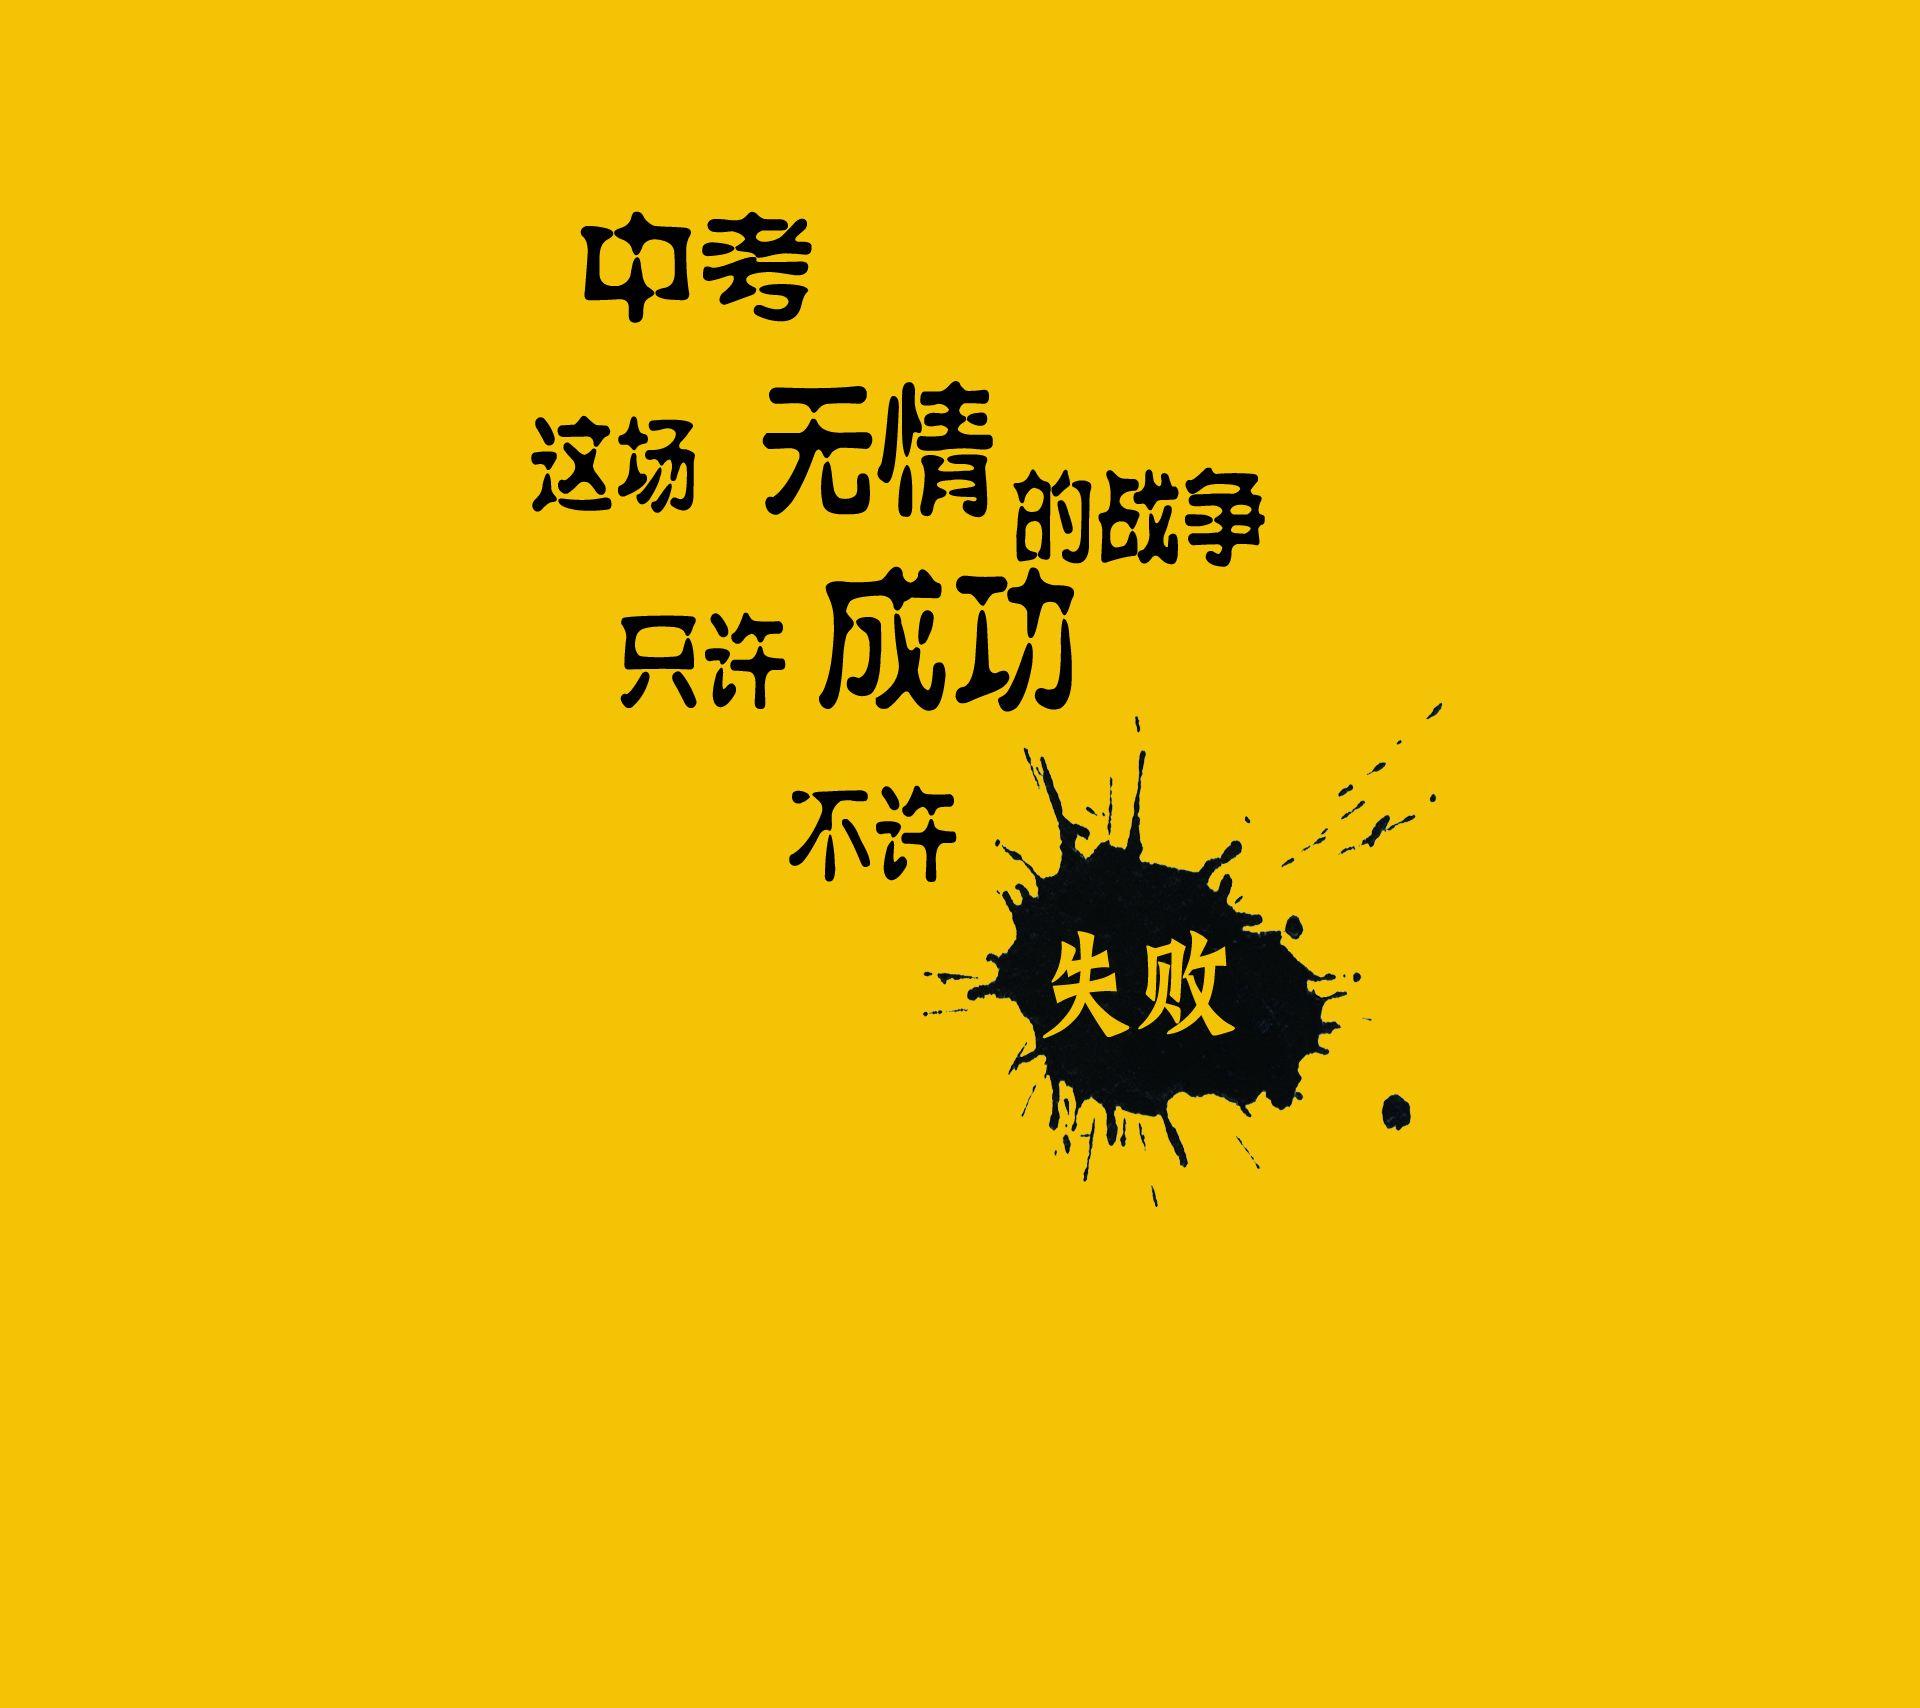 2019年深圳中考志愿填报须遵守七个原则